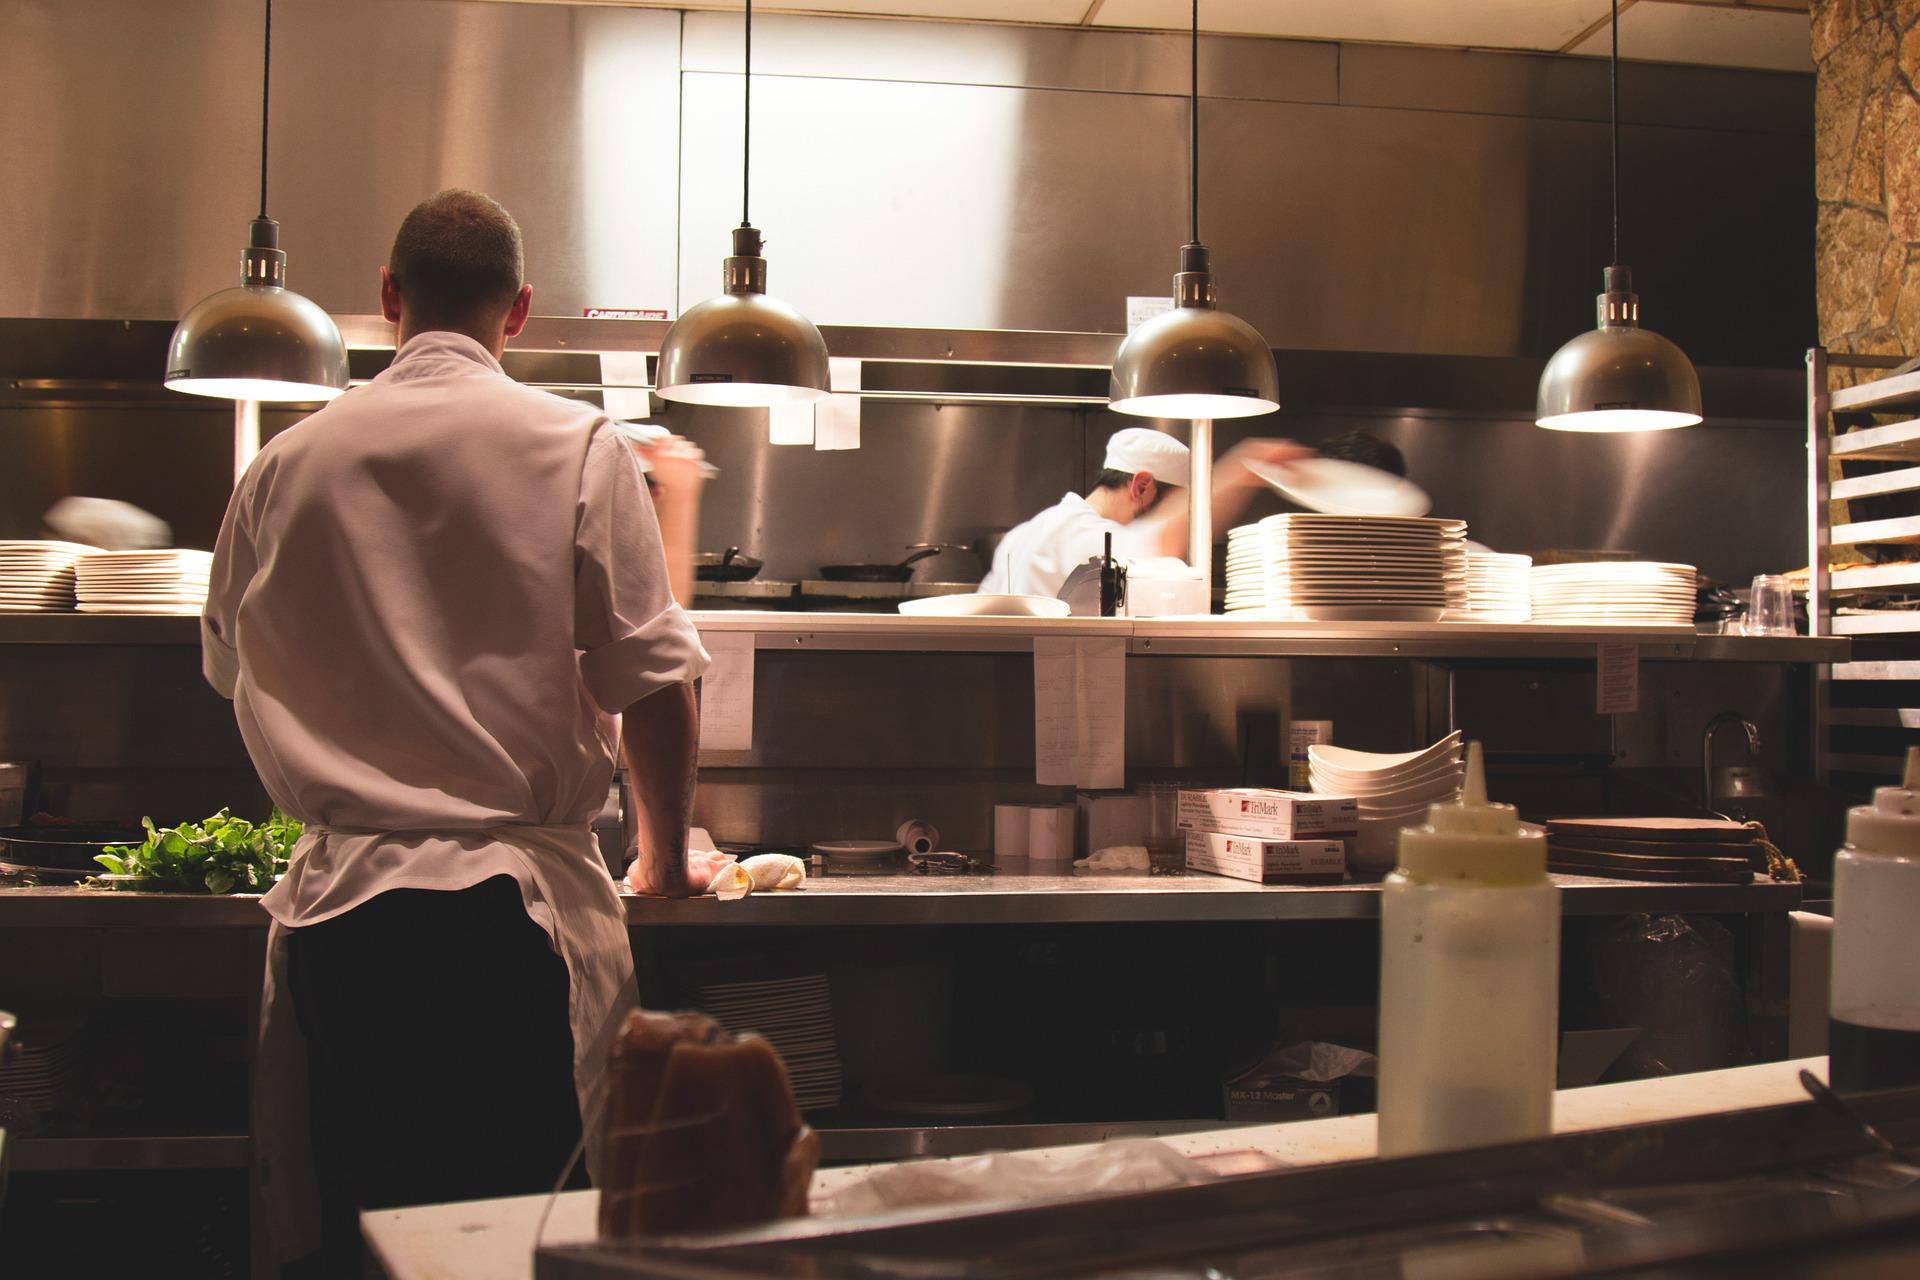 AFCC2019 Cocina 077 (mañana compromiso)